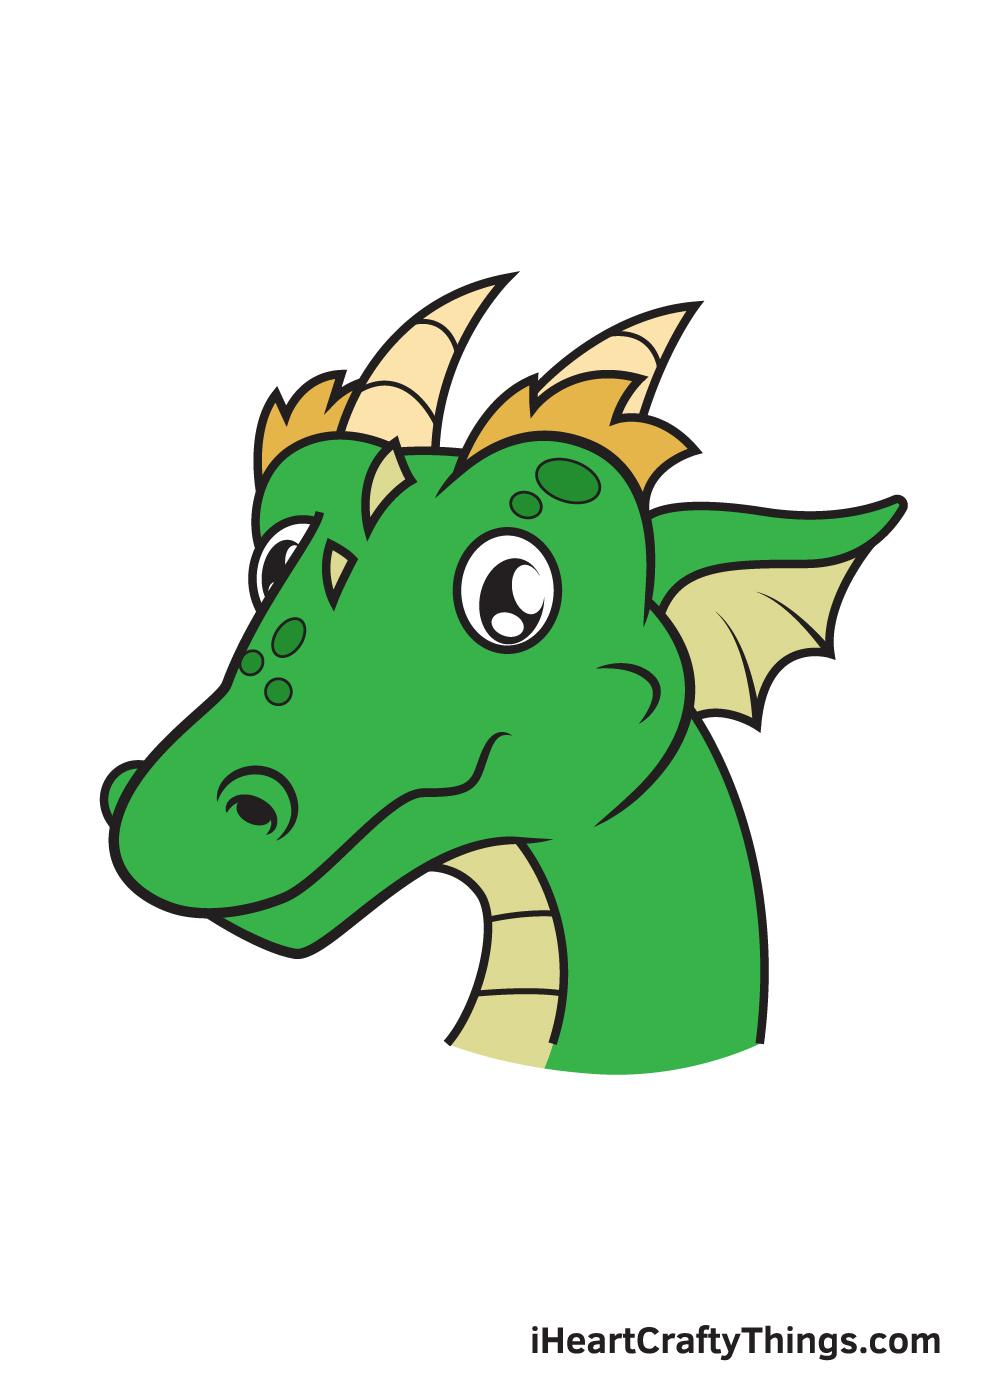 dragon head drawing - 9 steps